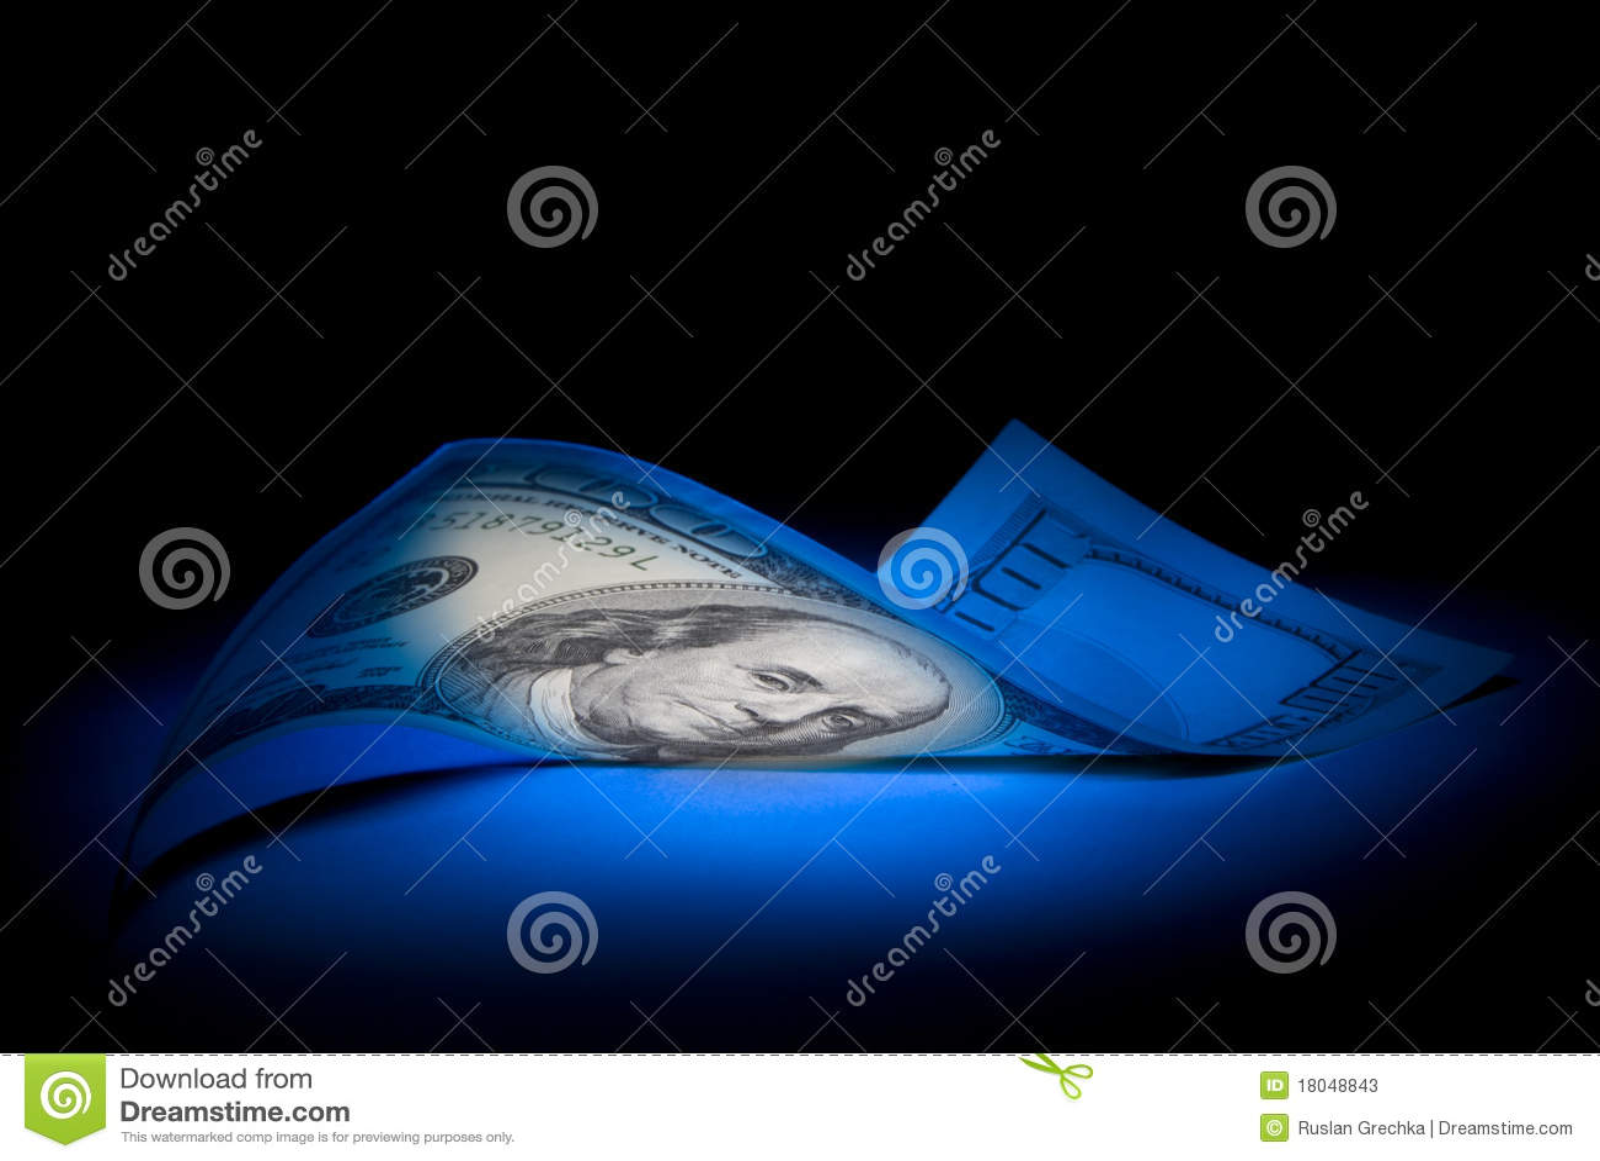 Money do not sleep